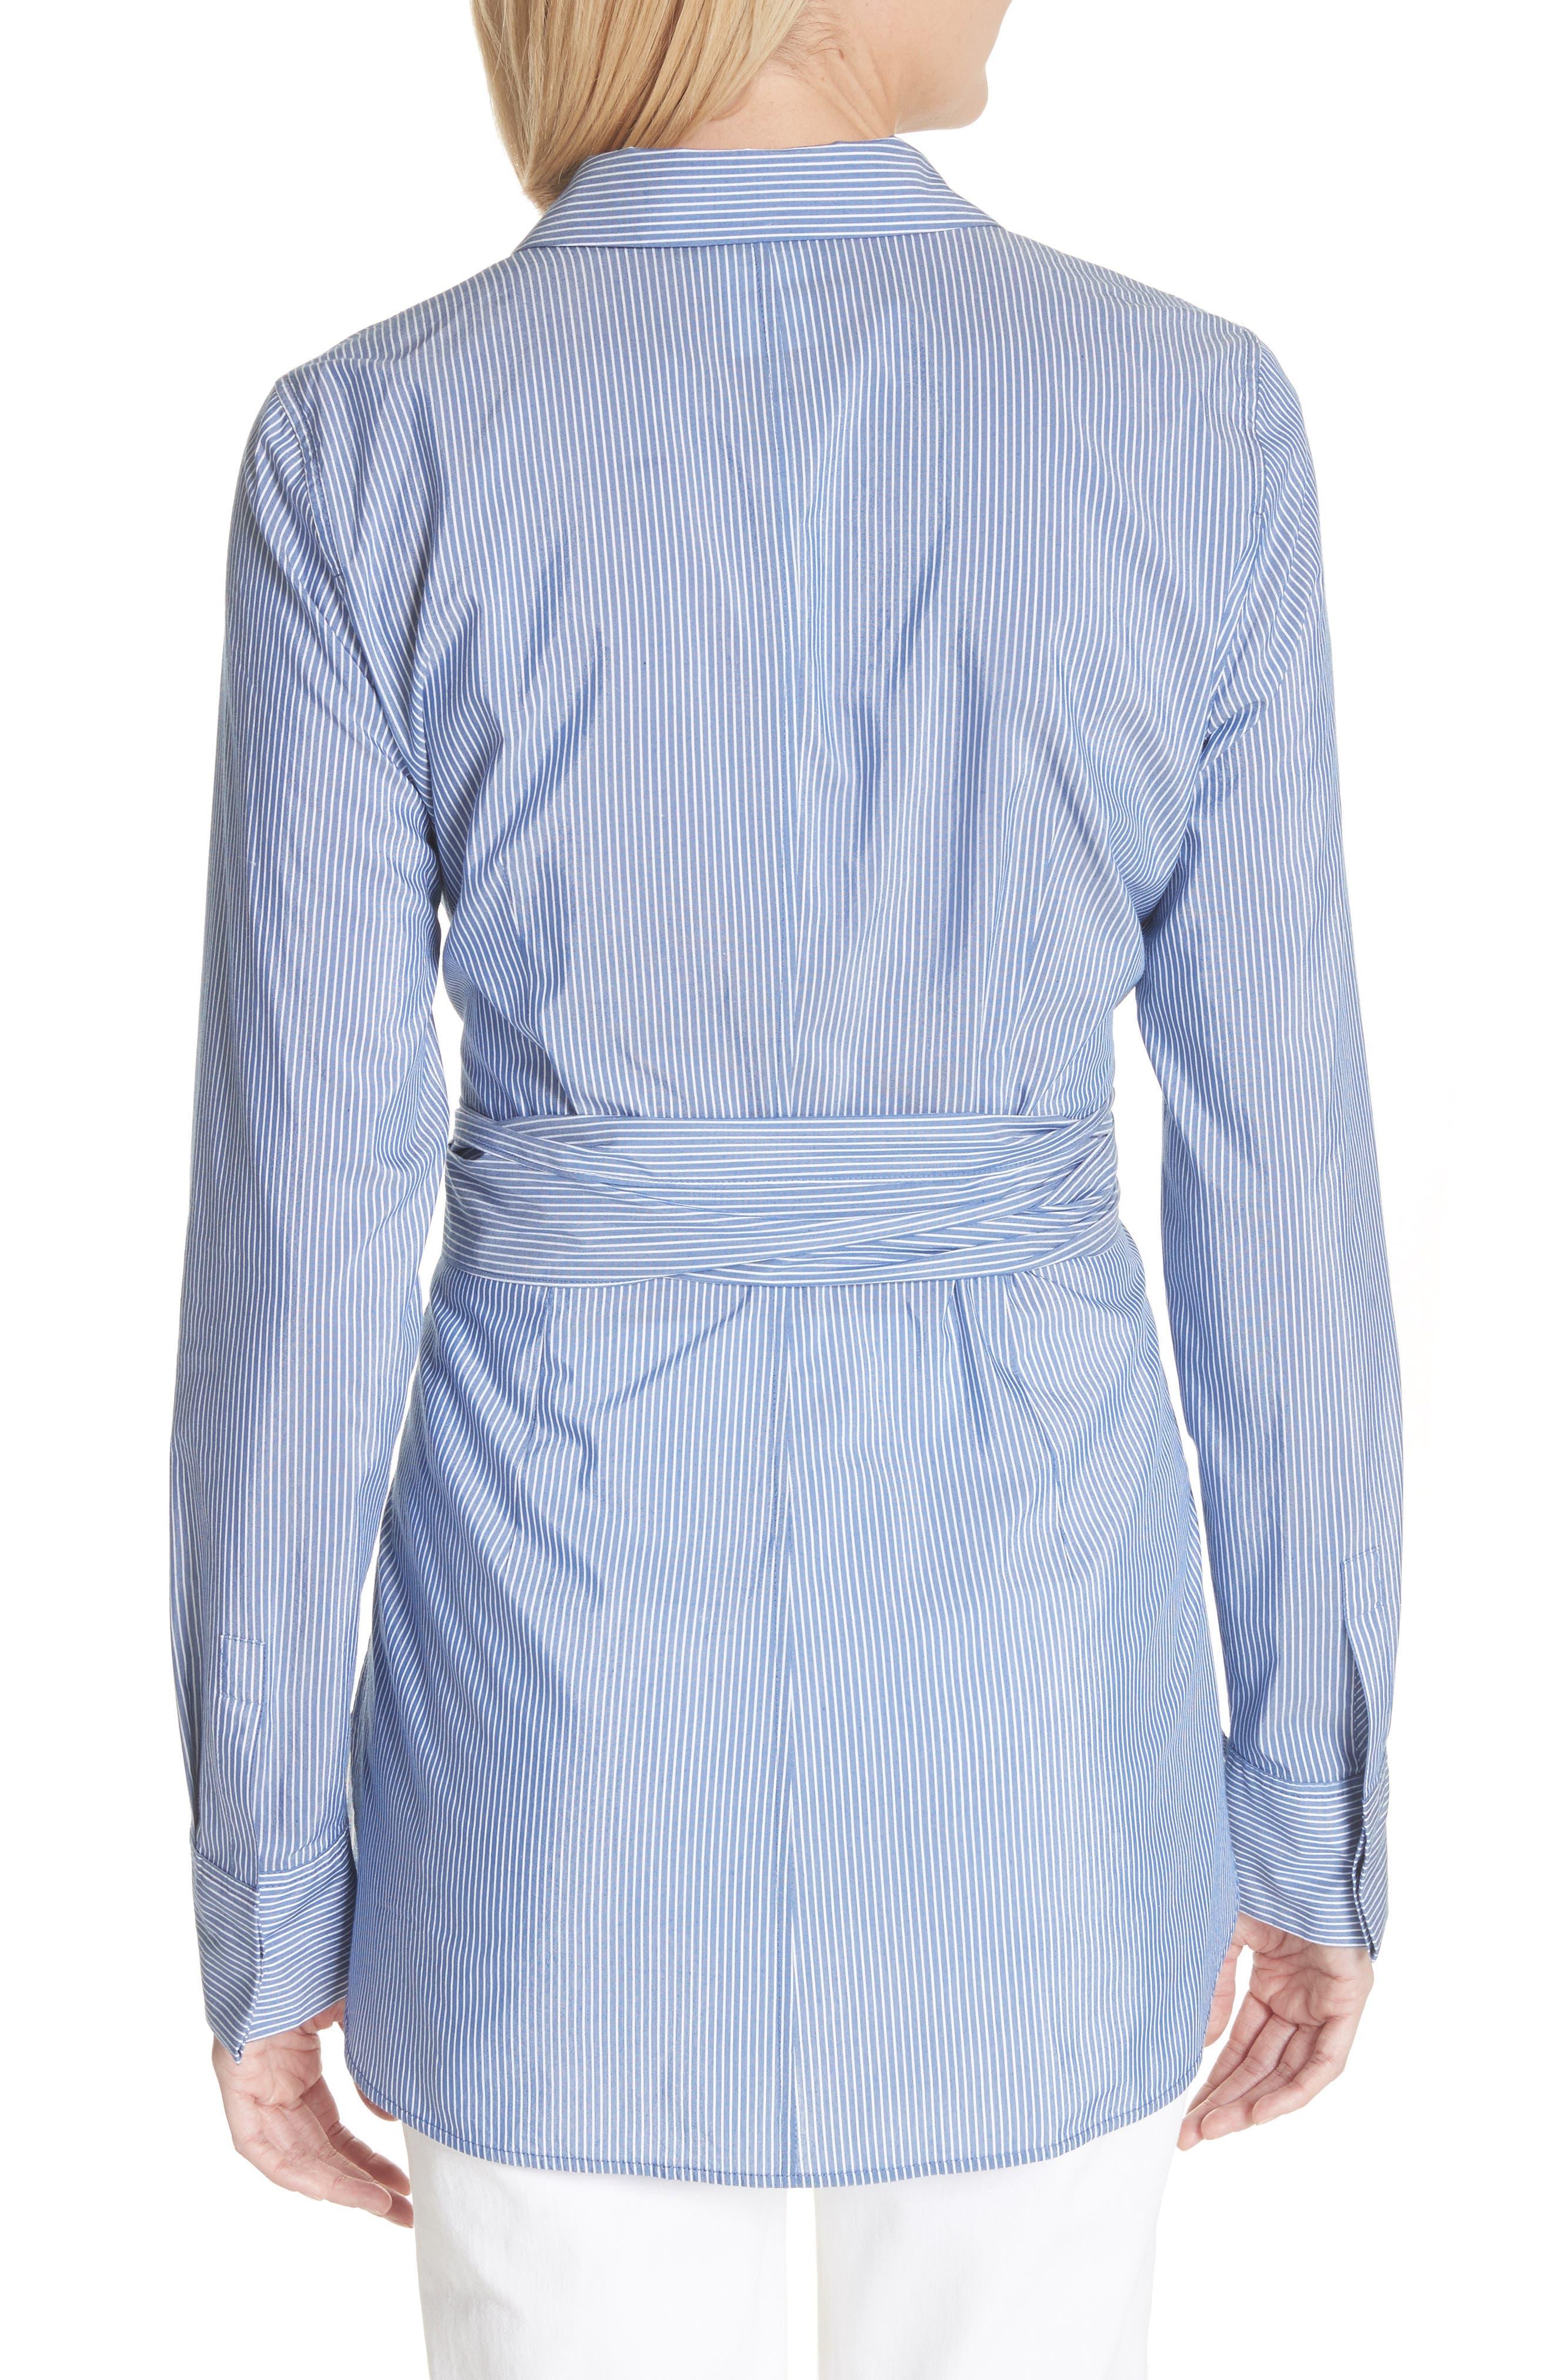 Cordelia Tie Waist Blouse,                             Alternate thumbnail 2, color,                             Delft Multi